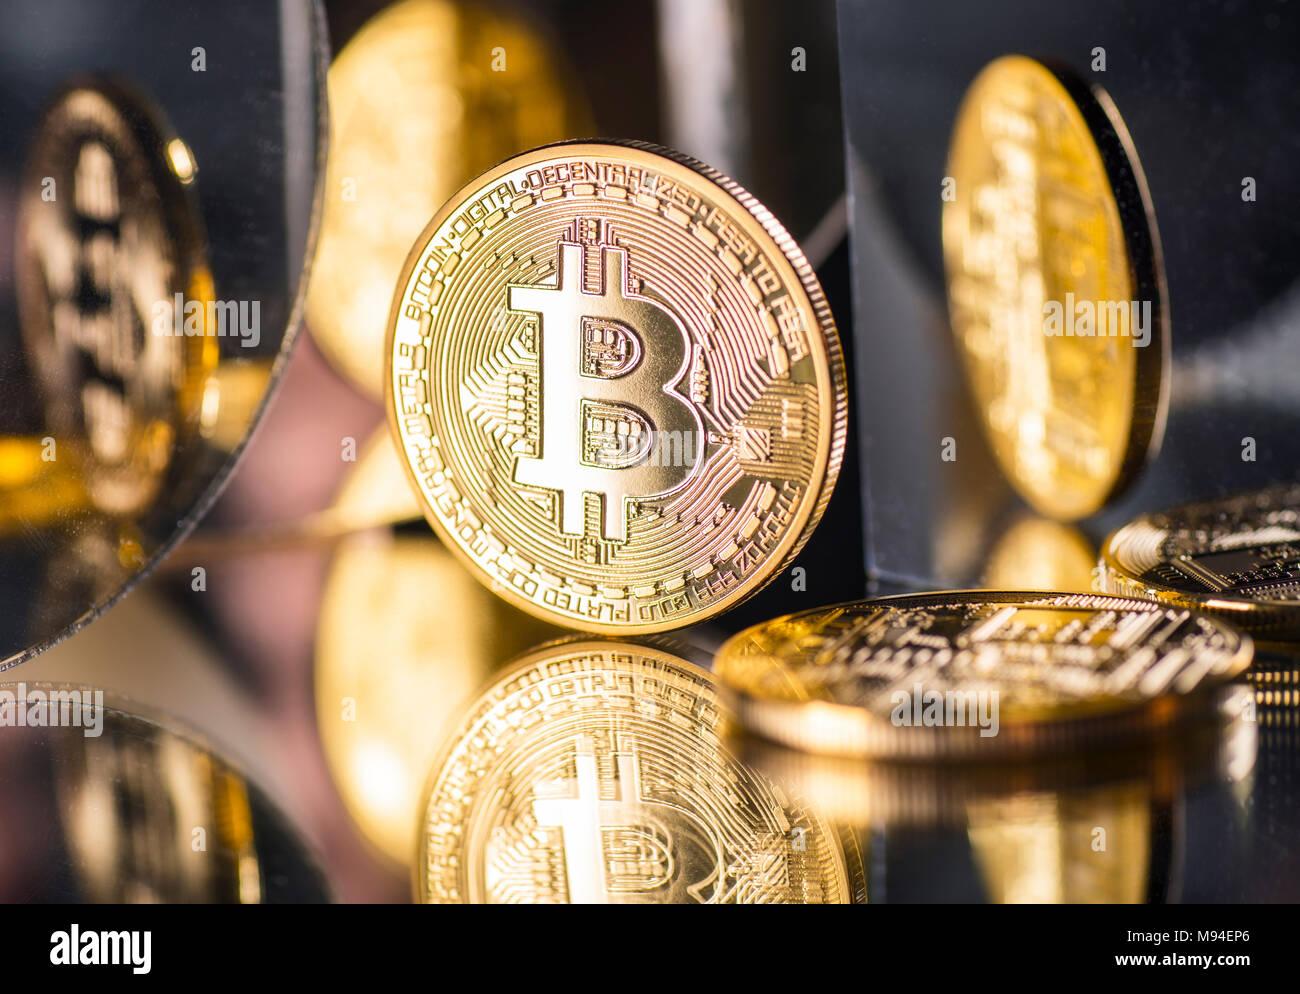 Moneda de la crypto-moneda Bitcoin con varias reflexiones Foto de stock